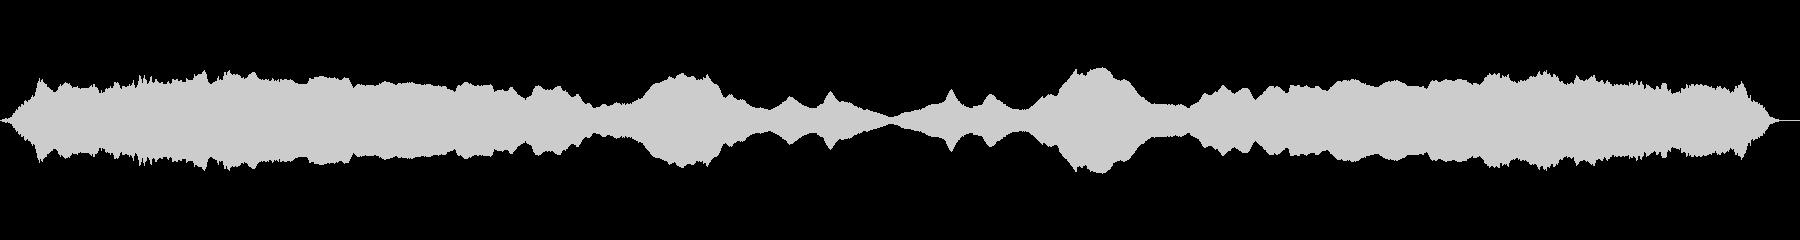 ディープサスパワードローン、モジュ...の未再生の波形